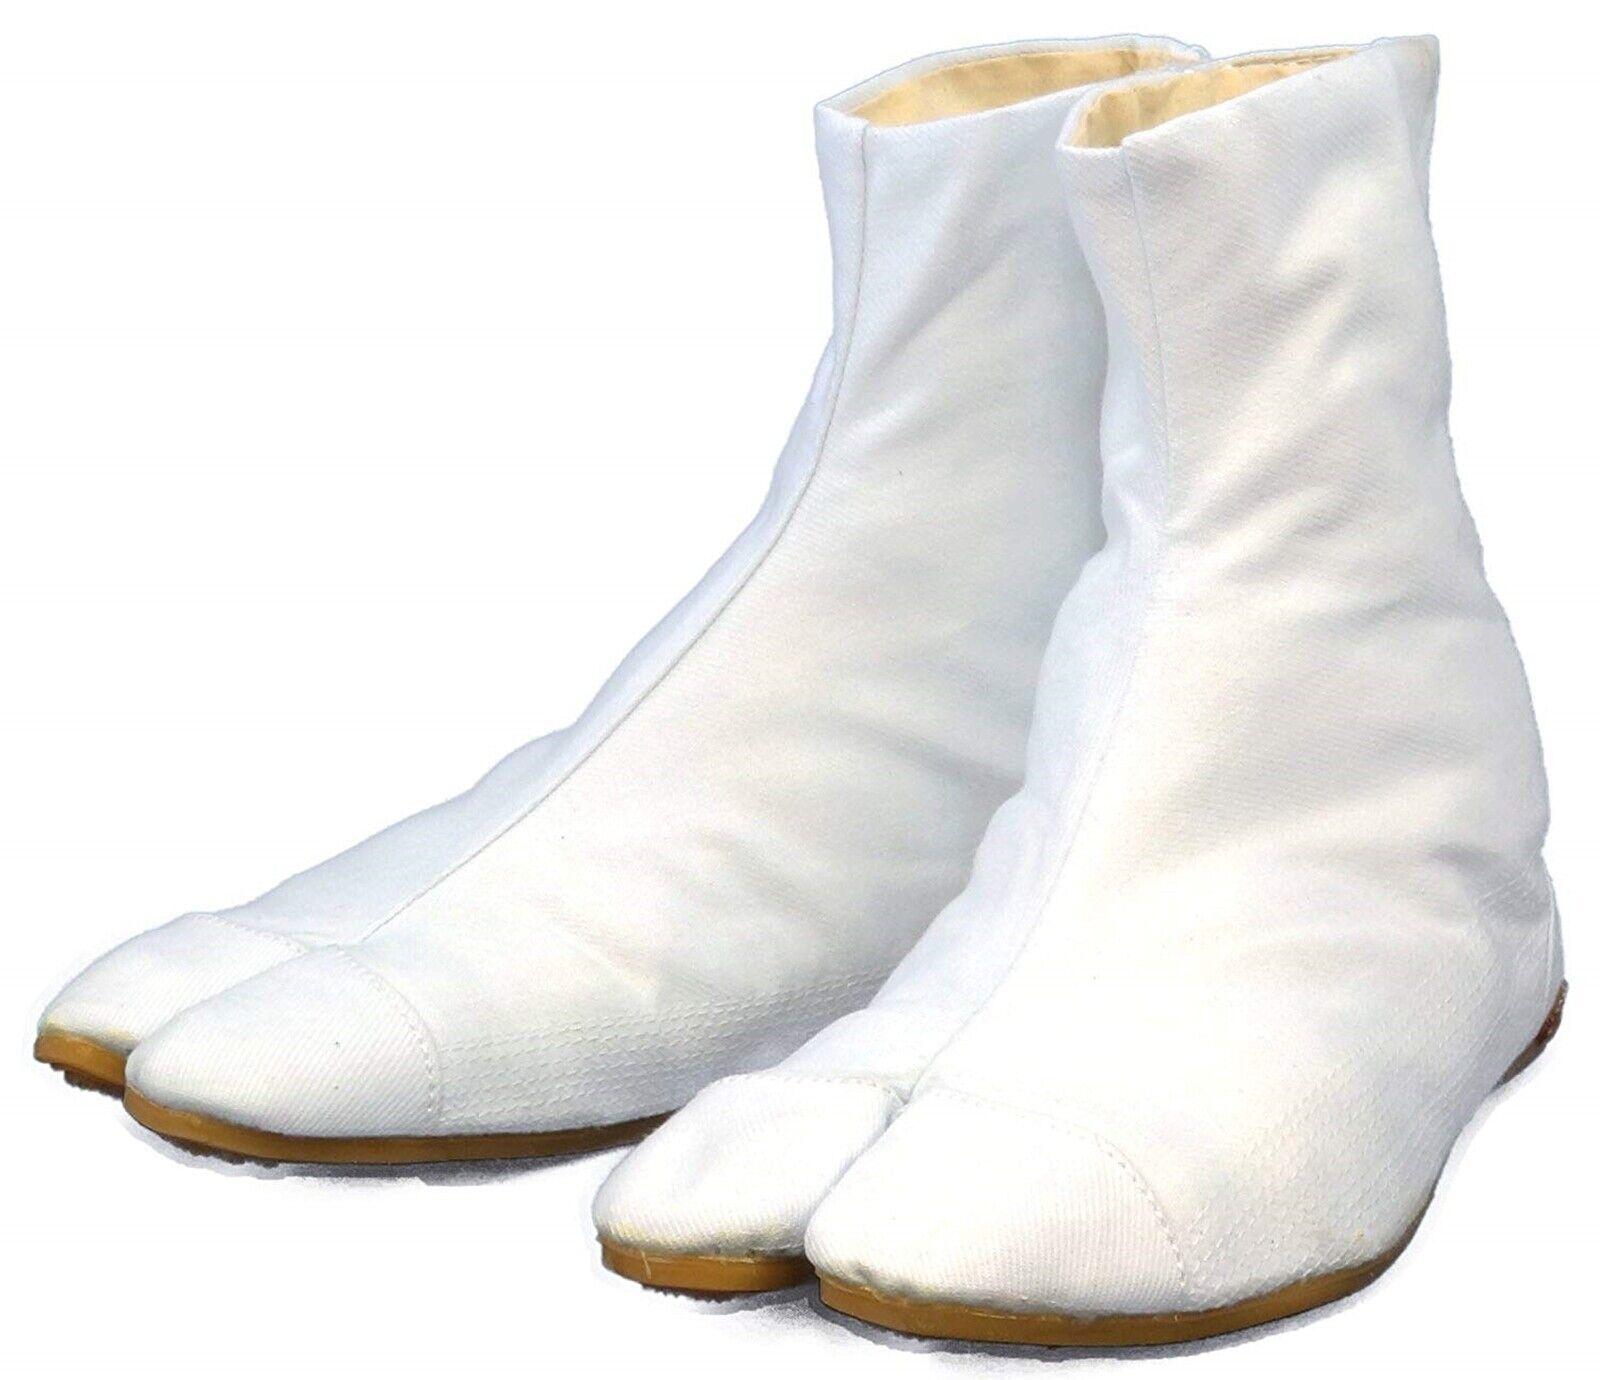 Japanisch Rikio Jika Tabi Stiefel Ninja Low Cut Weiß 22.5cm (US 4.5) -30cm